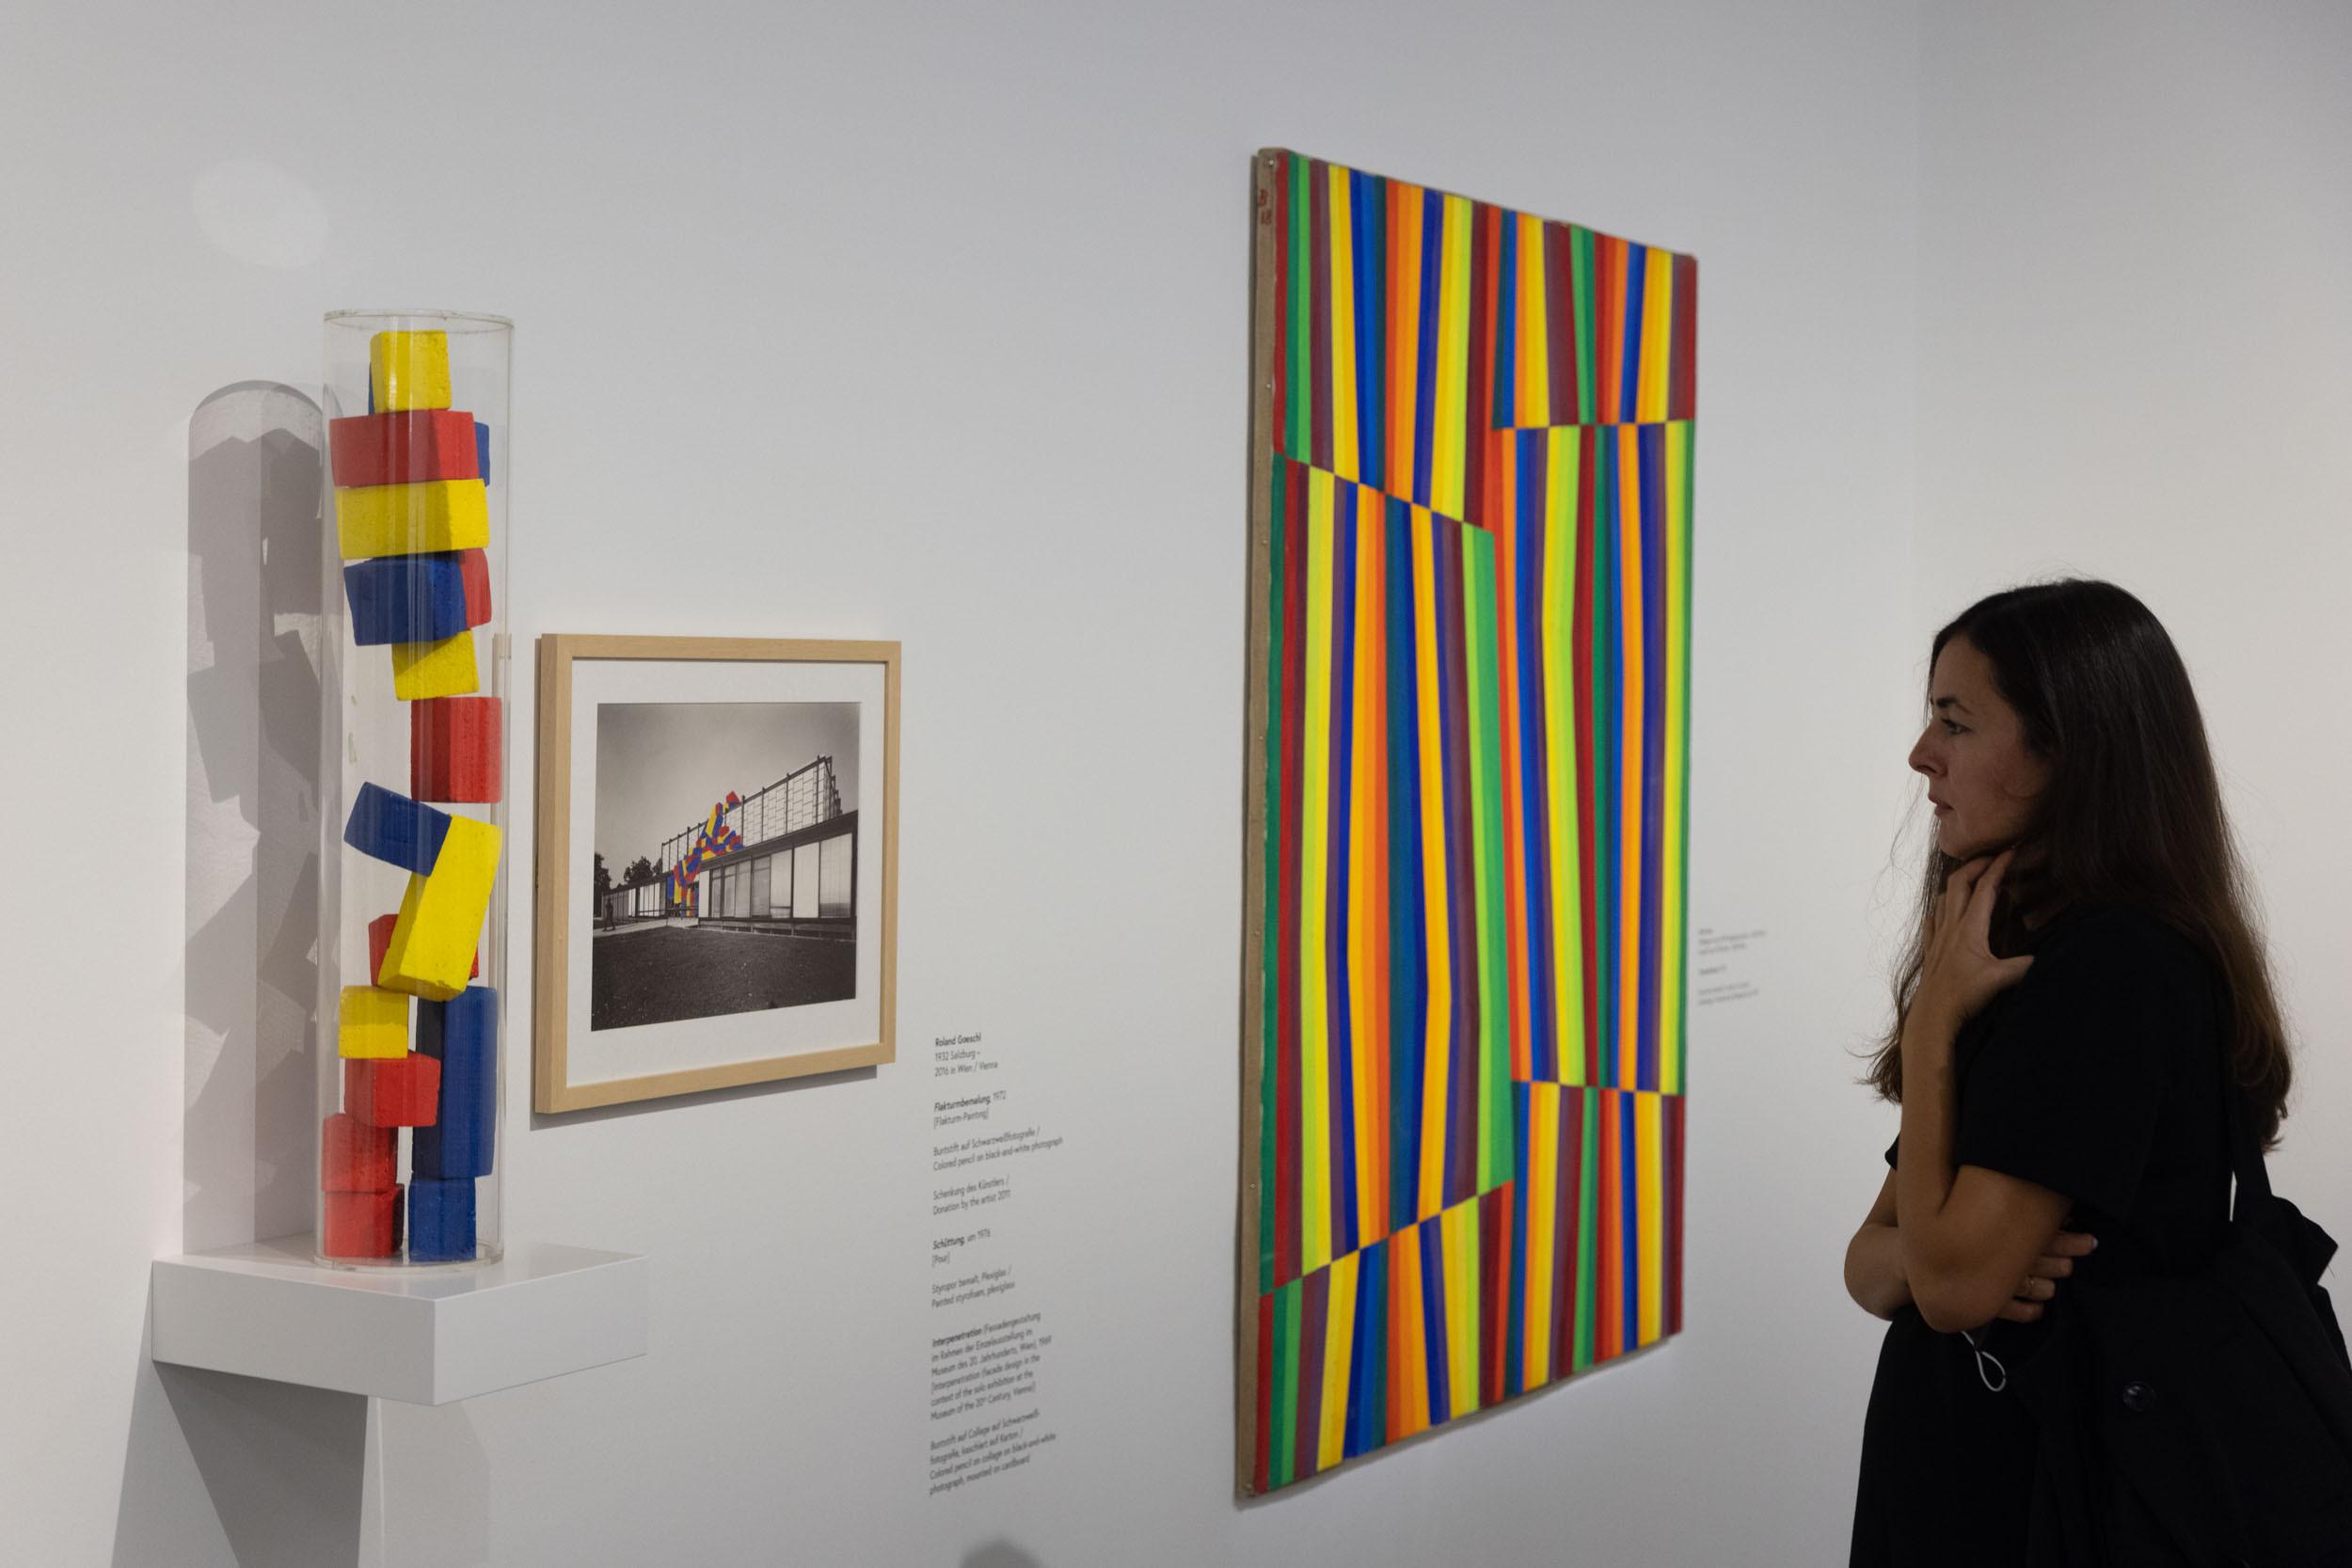 eSeL Foto: Avantgarde und Gegenwart. Die Sammlung Belvedere von Lassnig bis Knebl (Belvedere 21, Eröffnung 14.9.2021)